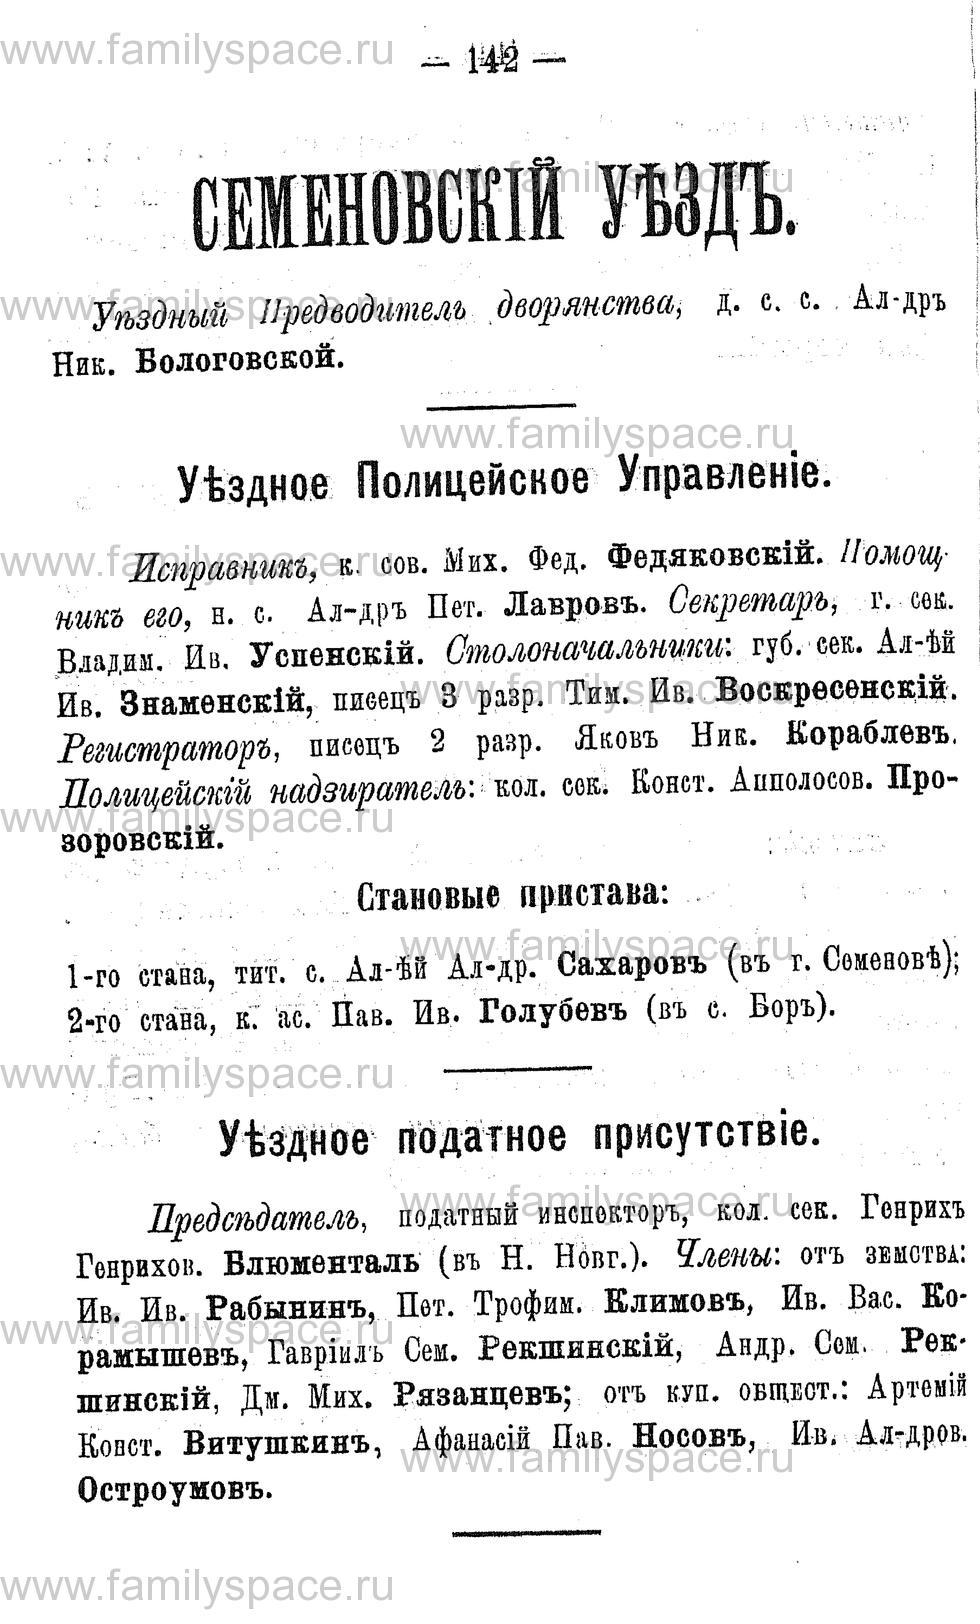 Поиск по фамилии - Адрес-календарь Нижегородской губернии на 1891 год, страница 142